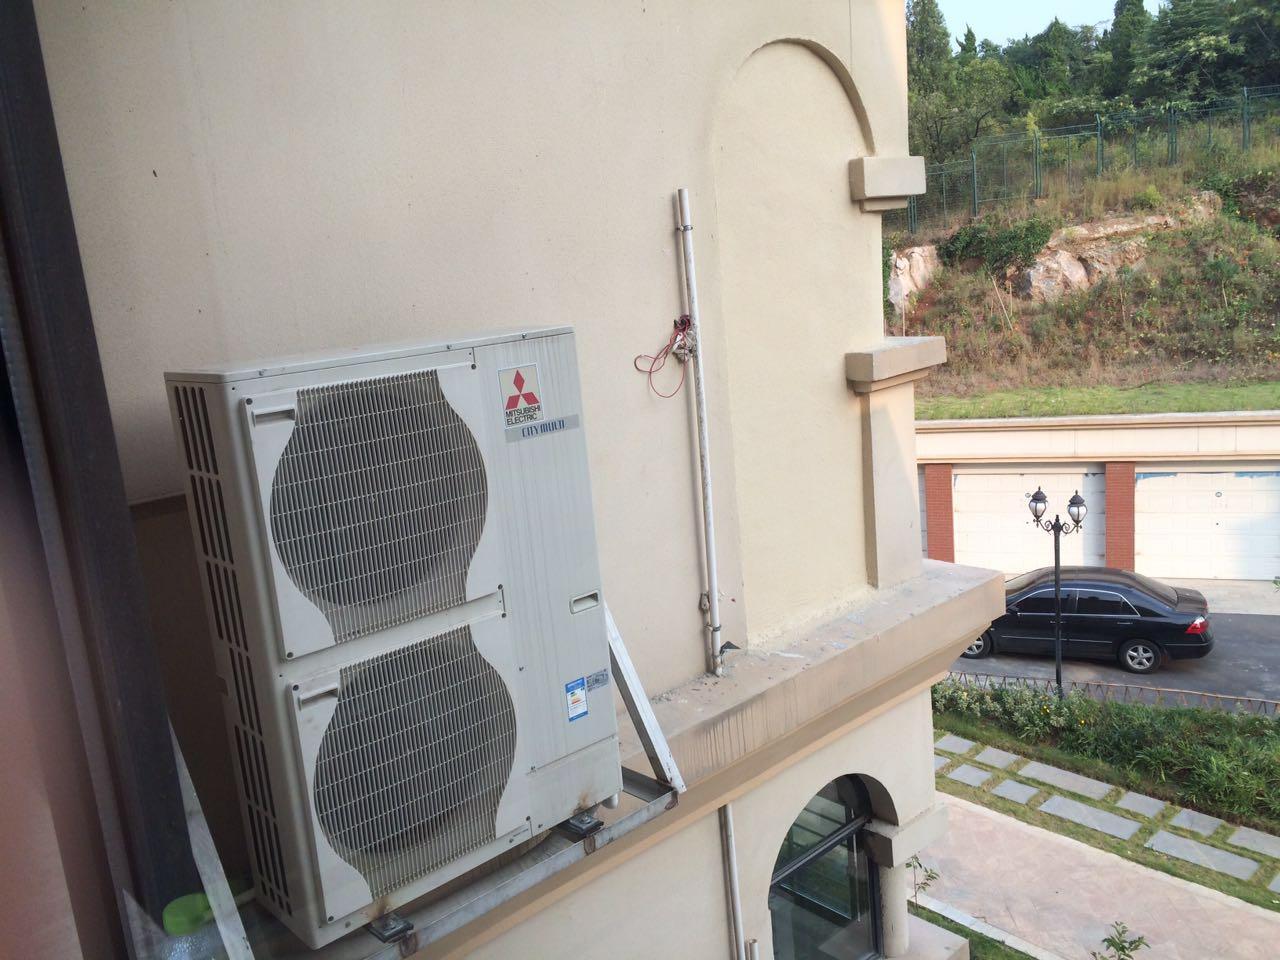 1.品牌 三菱电机成立于1921年,在90多年的历史中,三菱电机始终致力于尖端技术及专门知识的研究开发活动,并且在此基础上从事高性能产品及设备系统的开发和制造。在全球105个国家和地区拥有研发,生产,销售和其他运营基地。上海三菱电机空调是三菱电机空调在全球四大生产基地(日本,中国,泰国,英国)之一。 2.